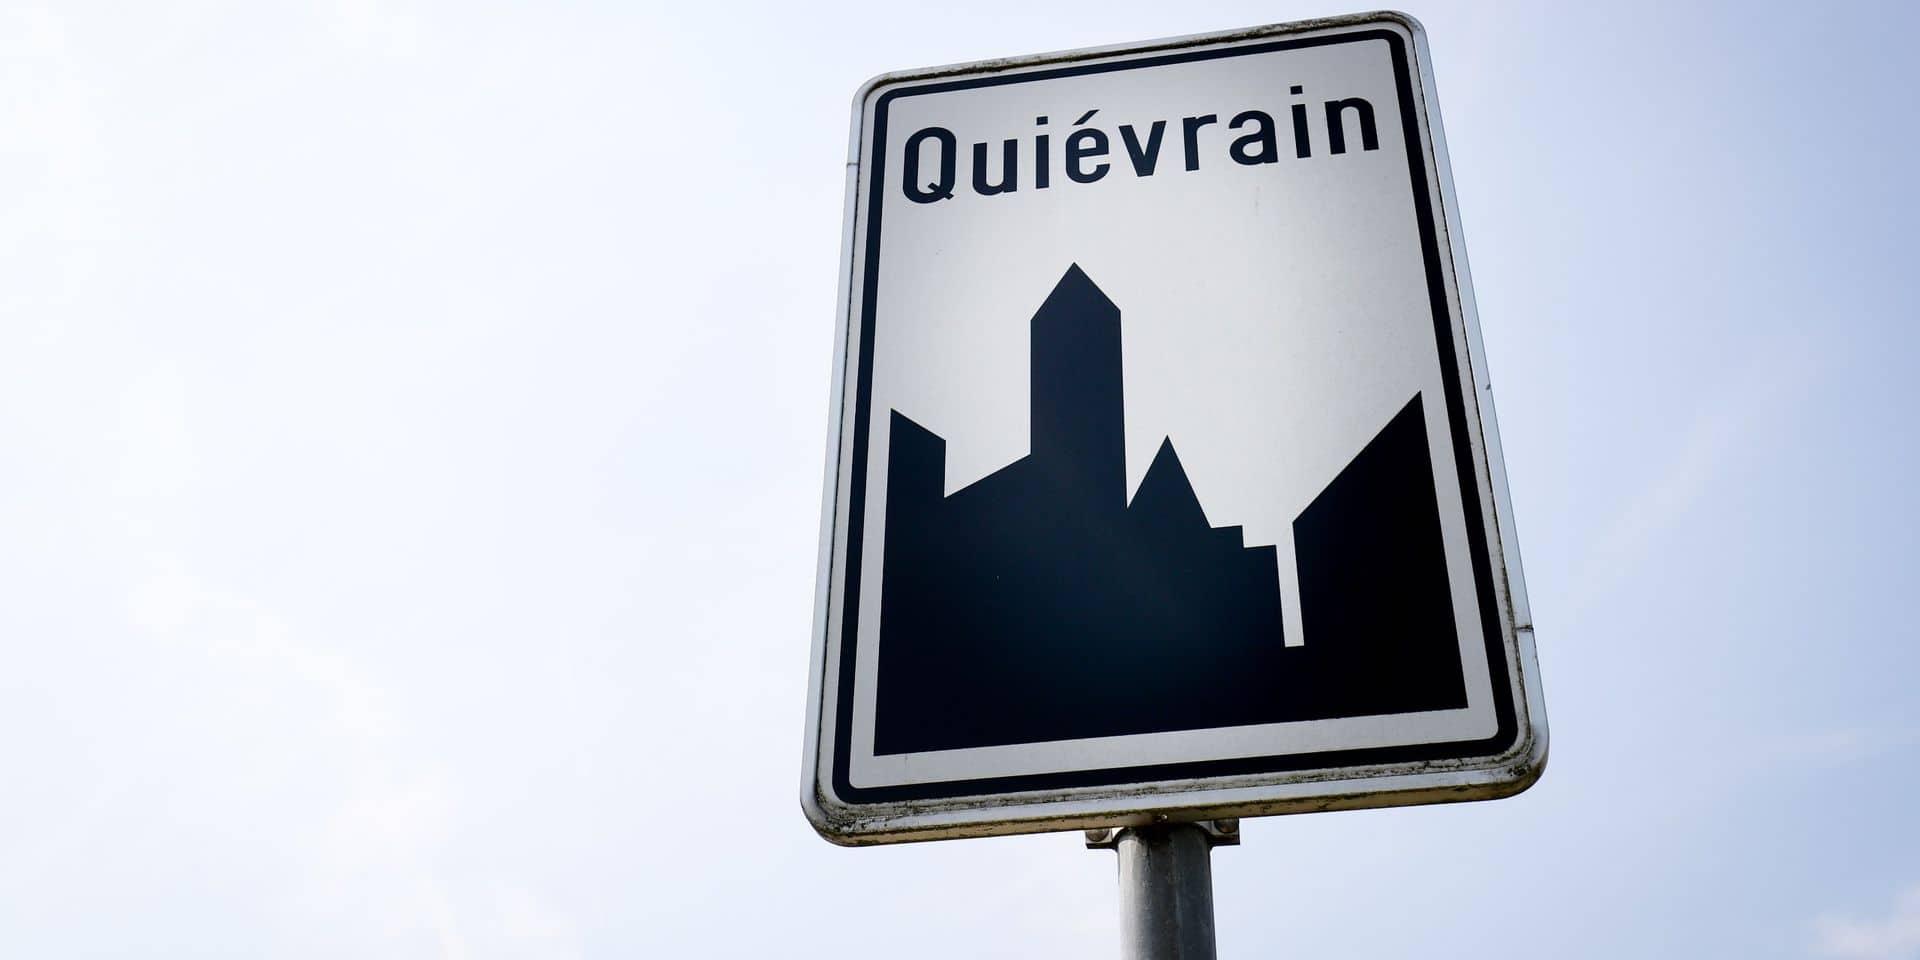 Polémique à Quiévrain: une pub interpellante glissée dans le bulletin communal